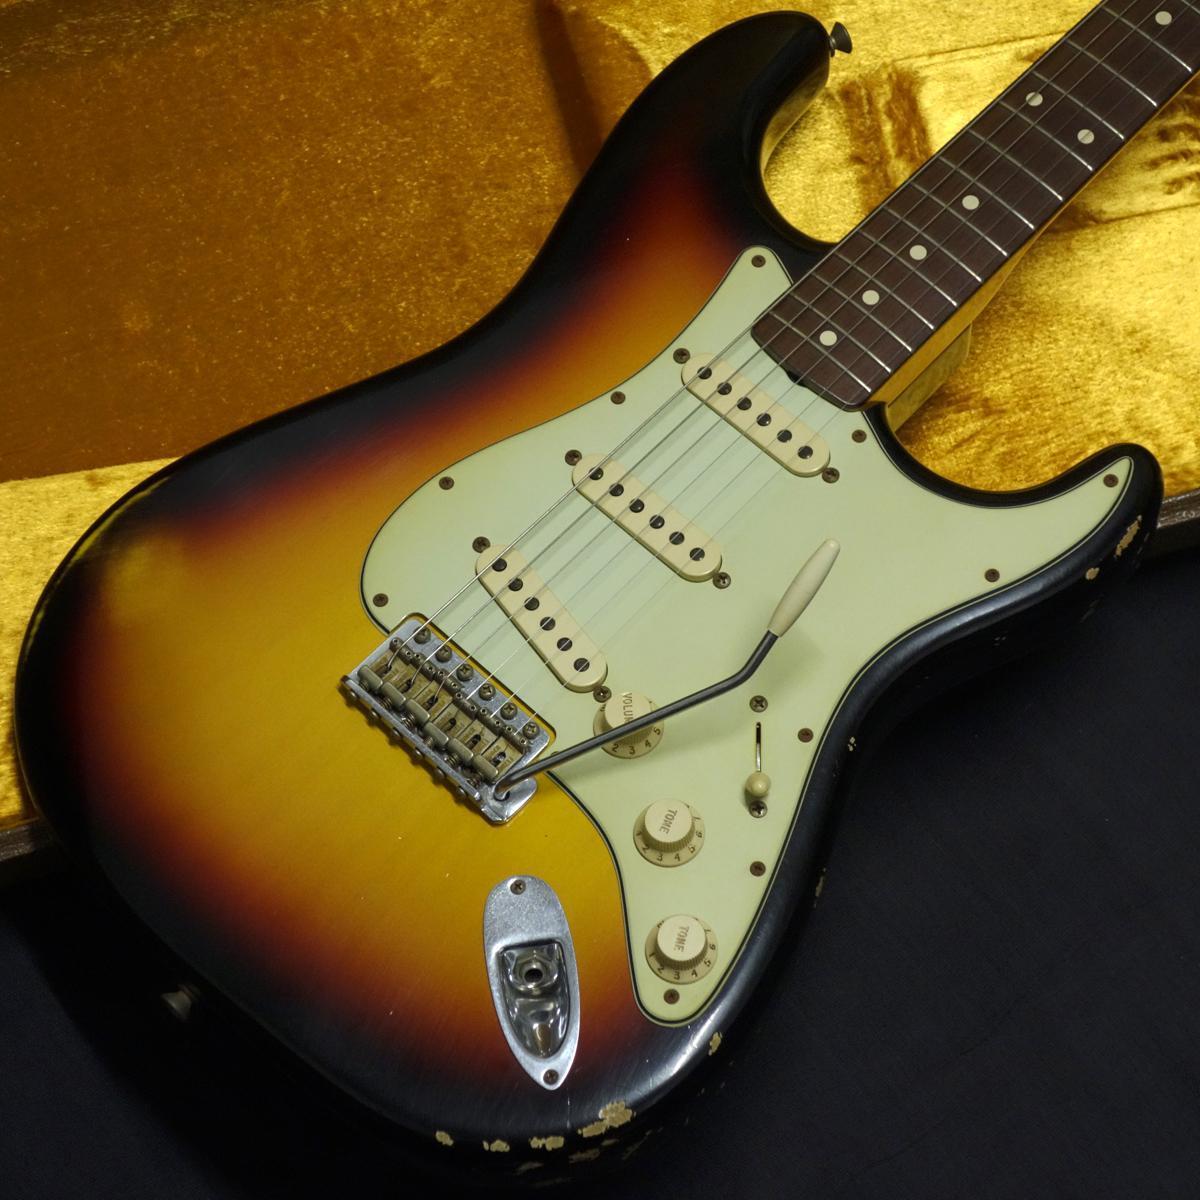 擋泥板定制店1960年的Stratocaster文物旭日2008s [岐阜店]